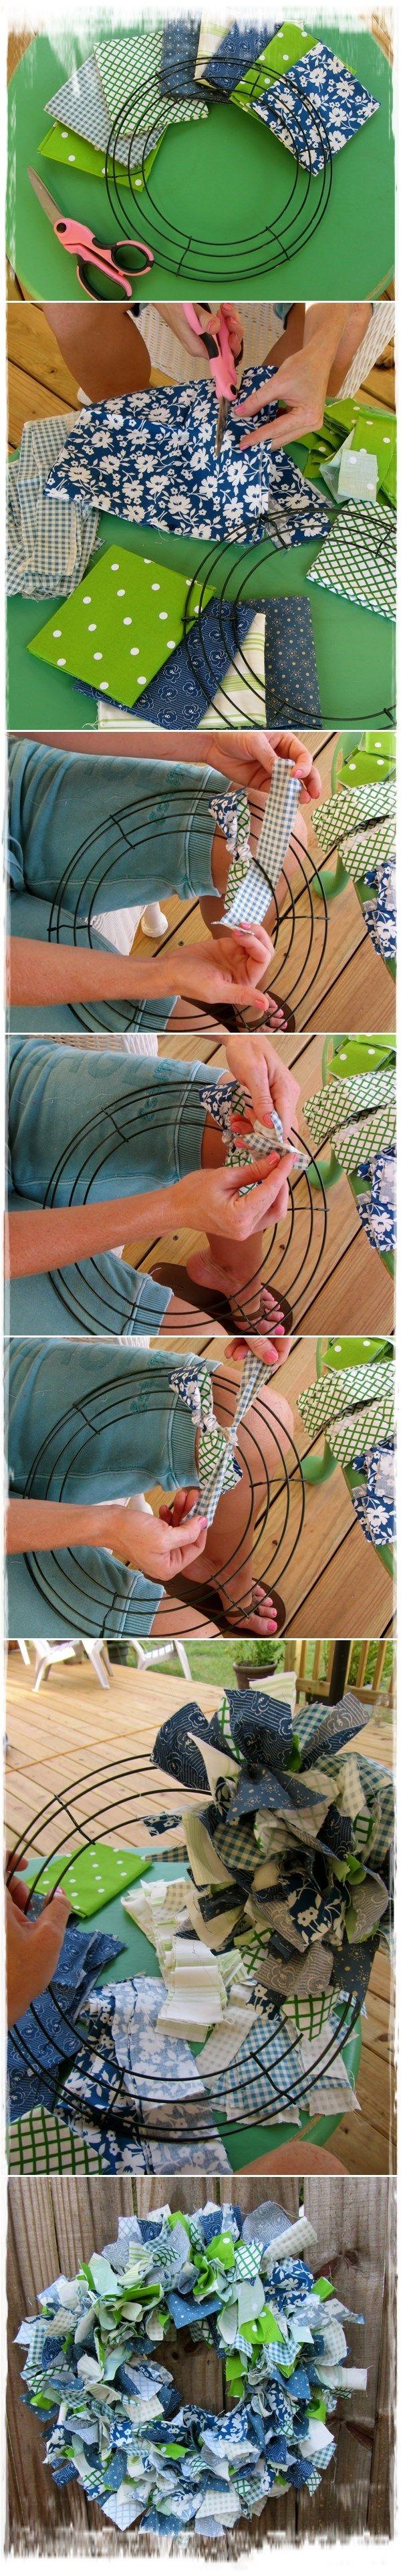 DIY Fabric Wreath Tutorial | DIY & Craft Ideas